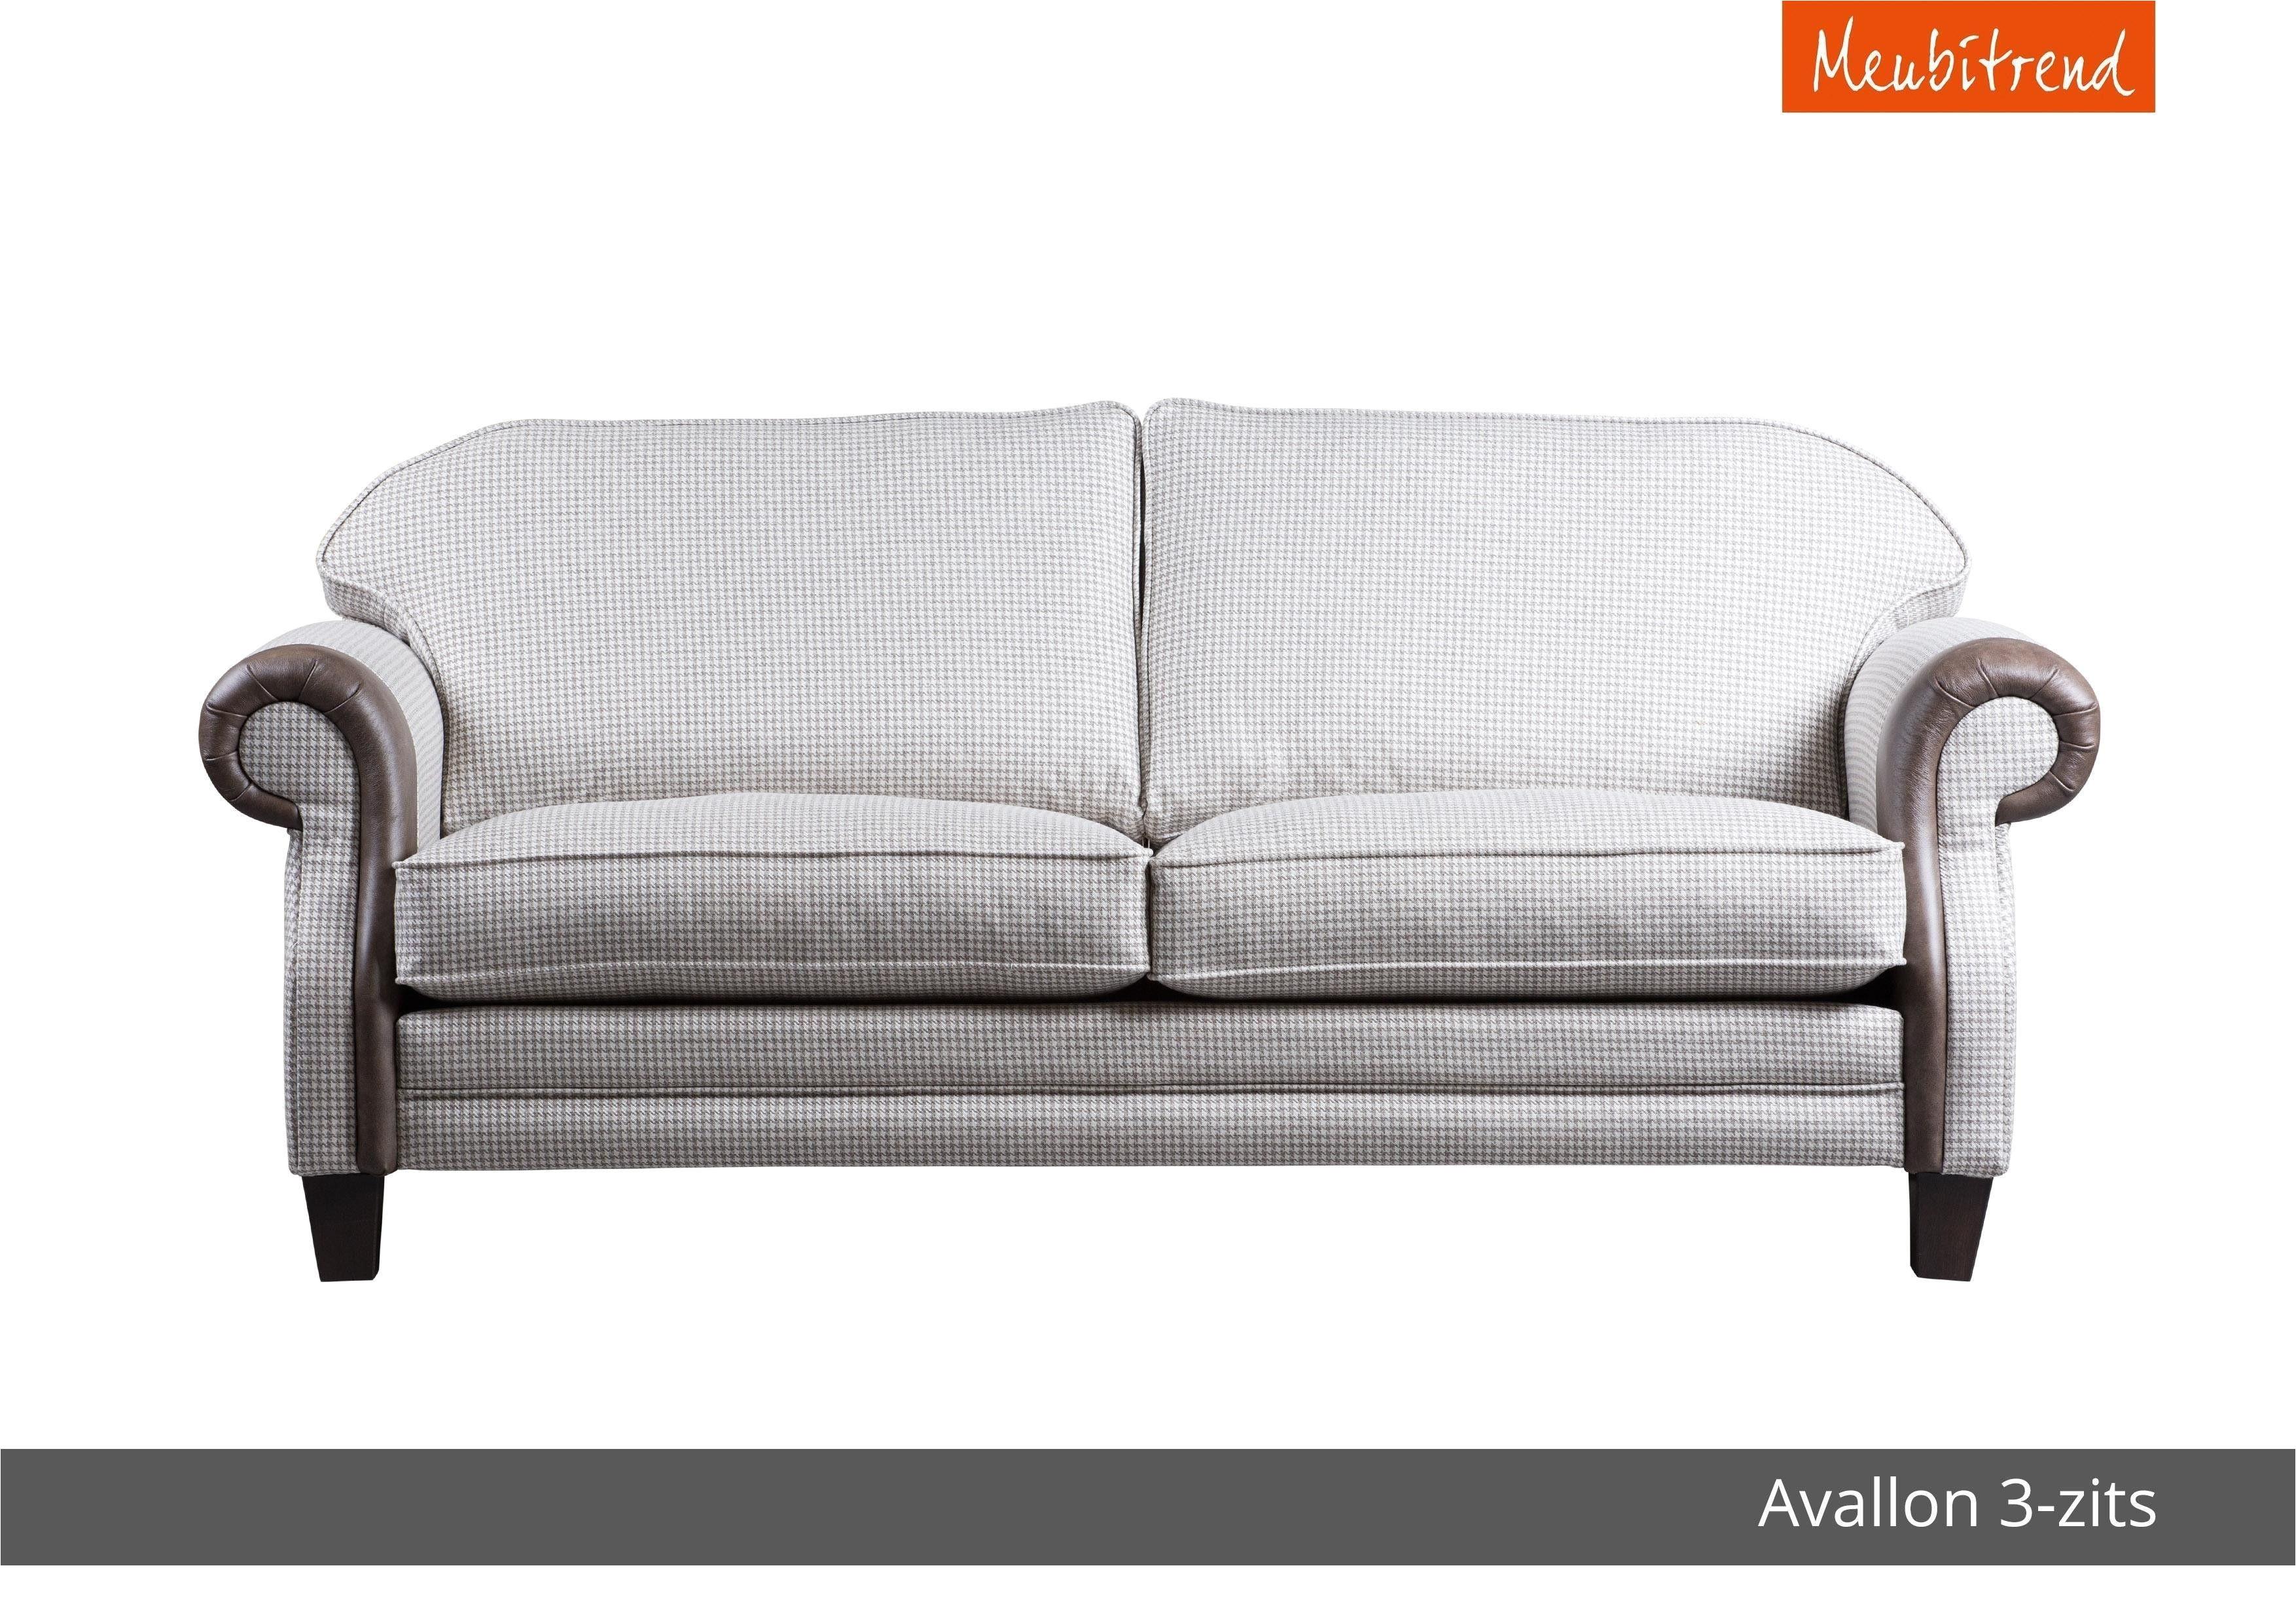 ikea schlafsofa mit bettkasten elegant ausziehbare couch ikea luxus luft sofa ikea luxus bmw x3 2